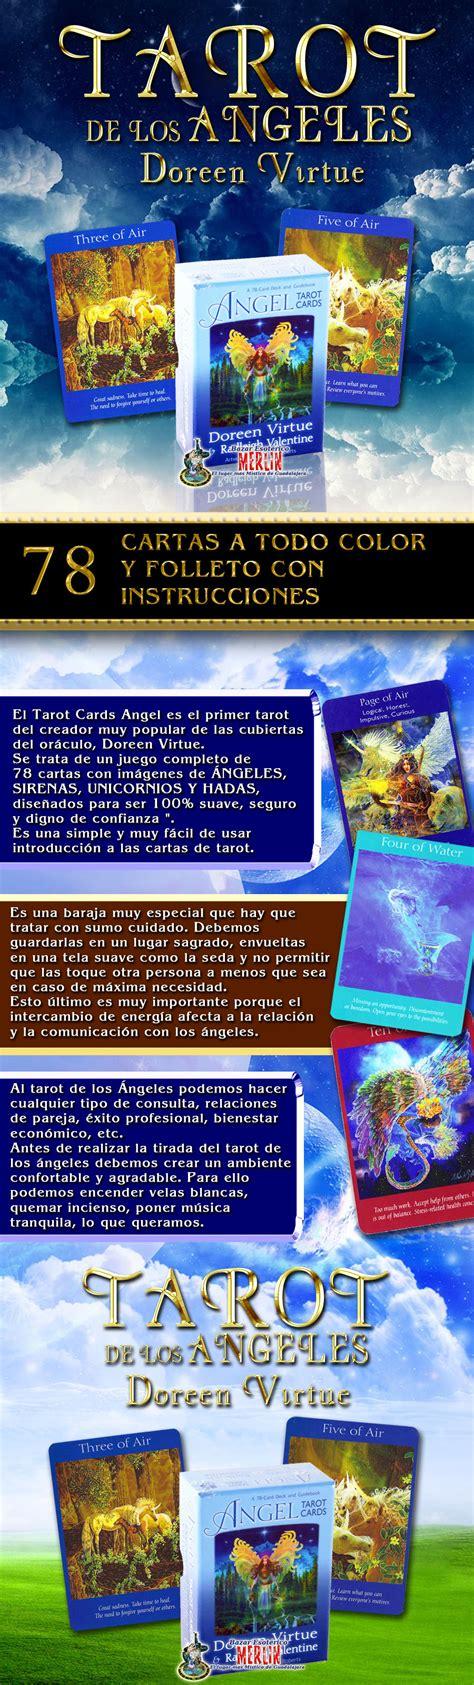 tarot angelico libro de los angeles libro 78 angel tarot cards doreen virtue 78 cartas en ingles bazar merl 237 n el lugar mas m 225 gico en